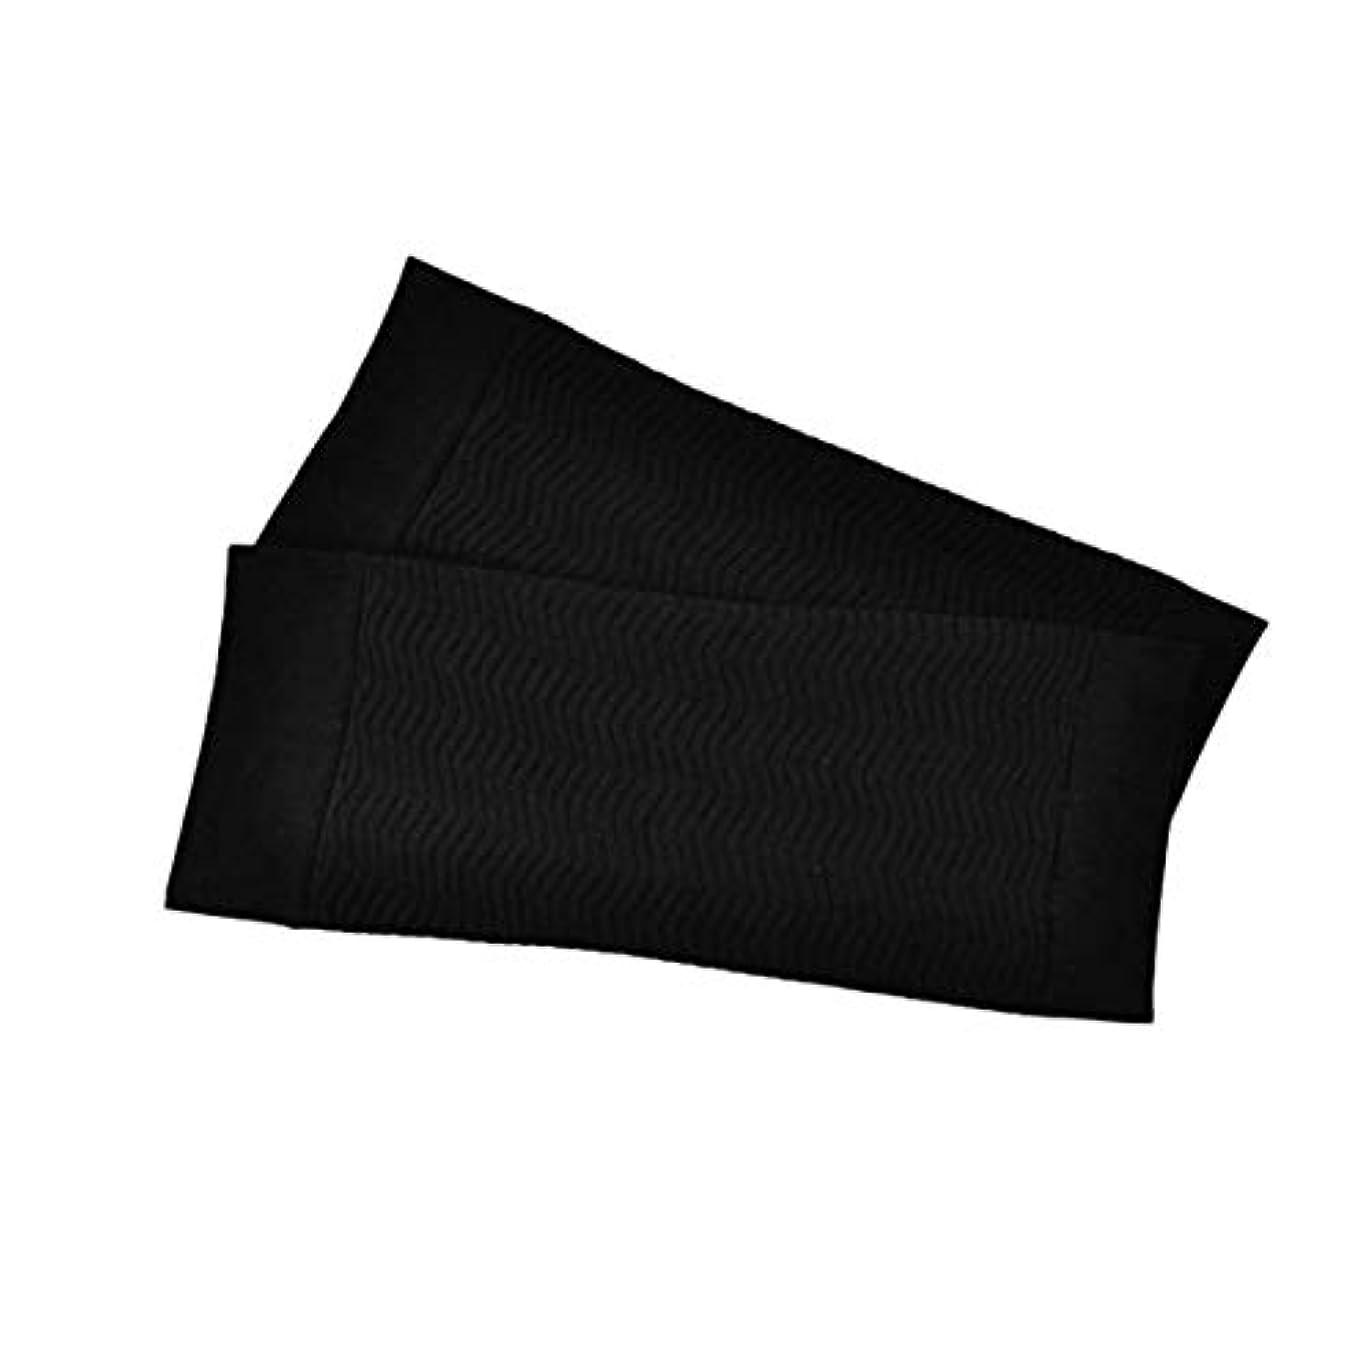 出費横番号1ペア680 D圧縮アームシェイパーワークアウトトーニングバーンセルライトスリミングアームスリーブ脂肪燃焼半袖用女性 - ブラック